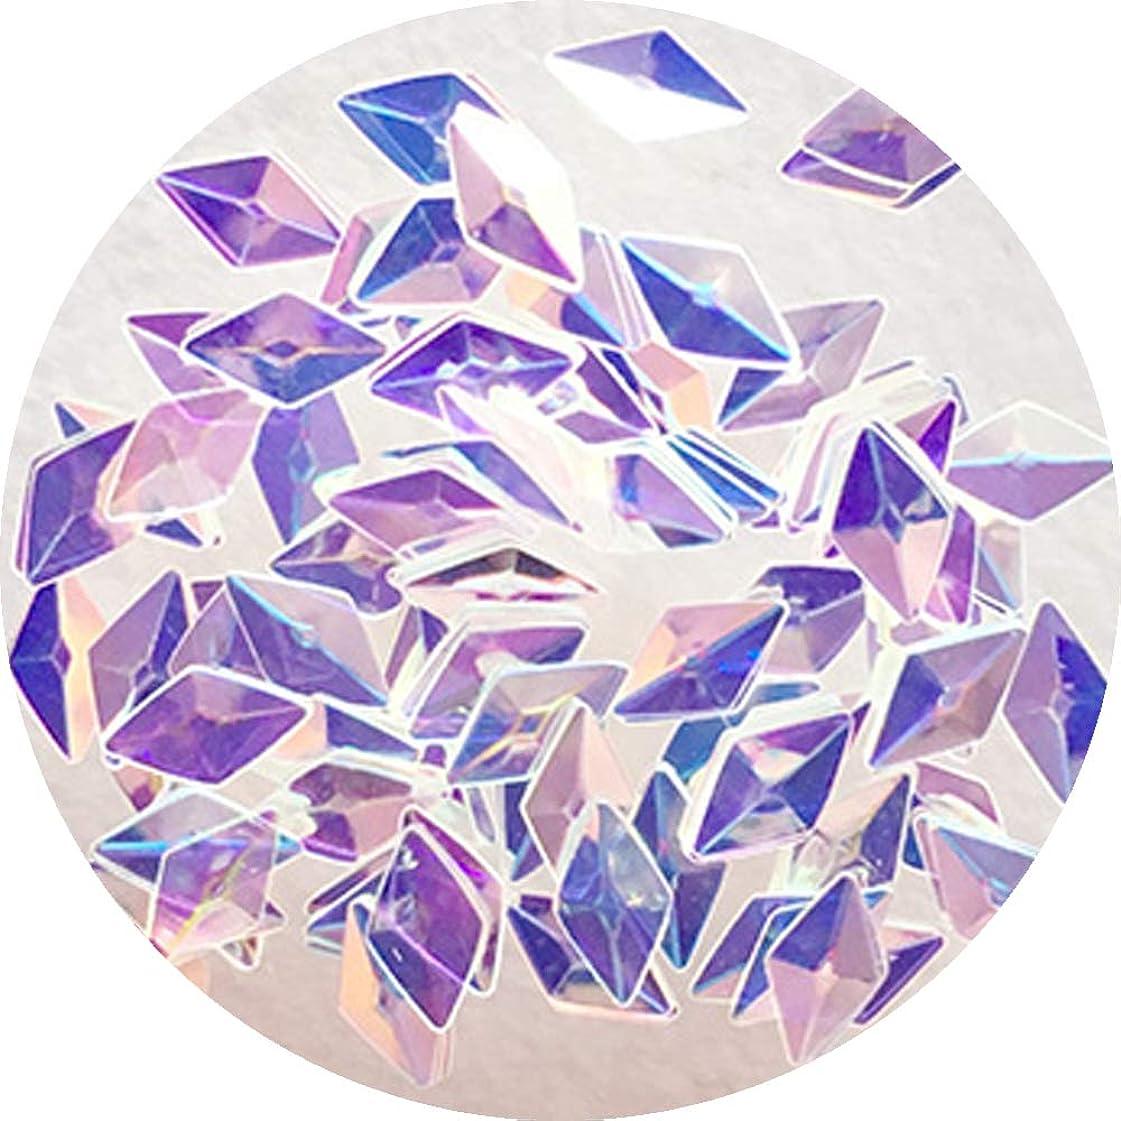 アーティキュレーション製品湿気の多いCharlon ミラーホロ ランバスカット オーロラ